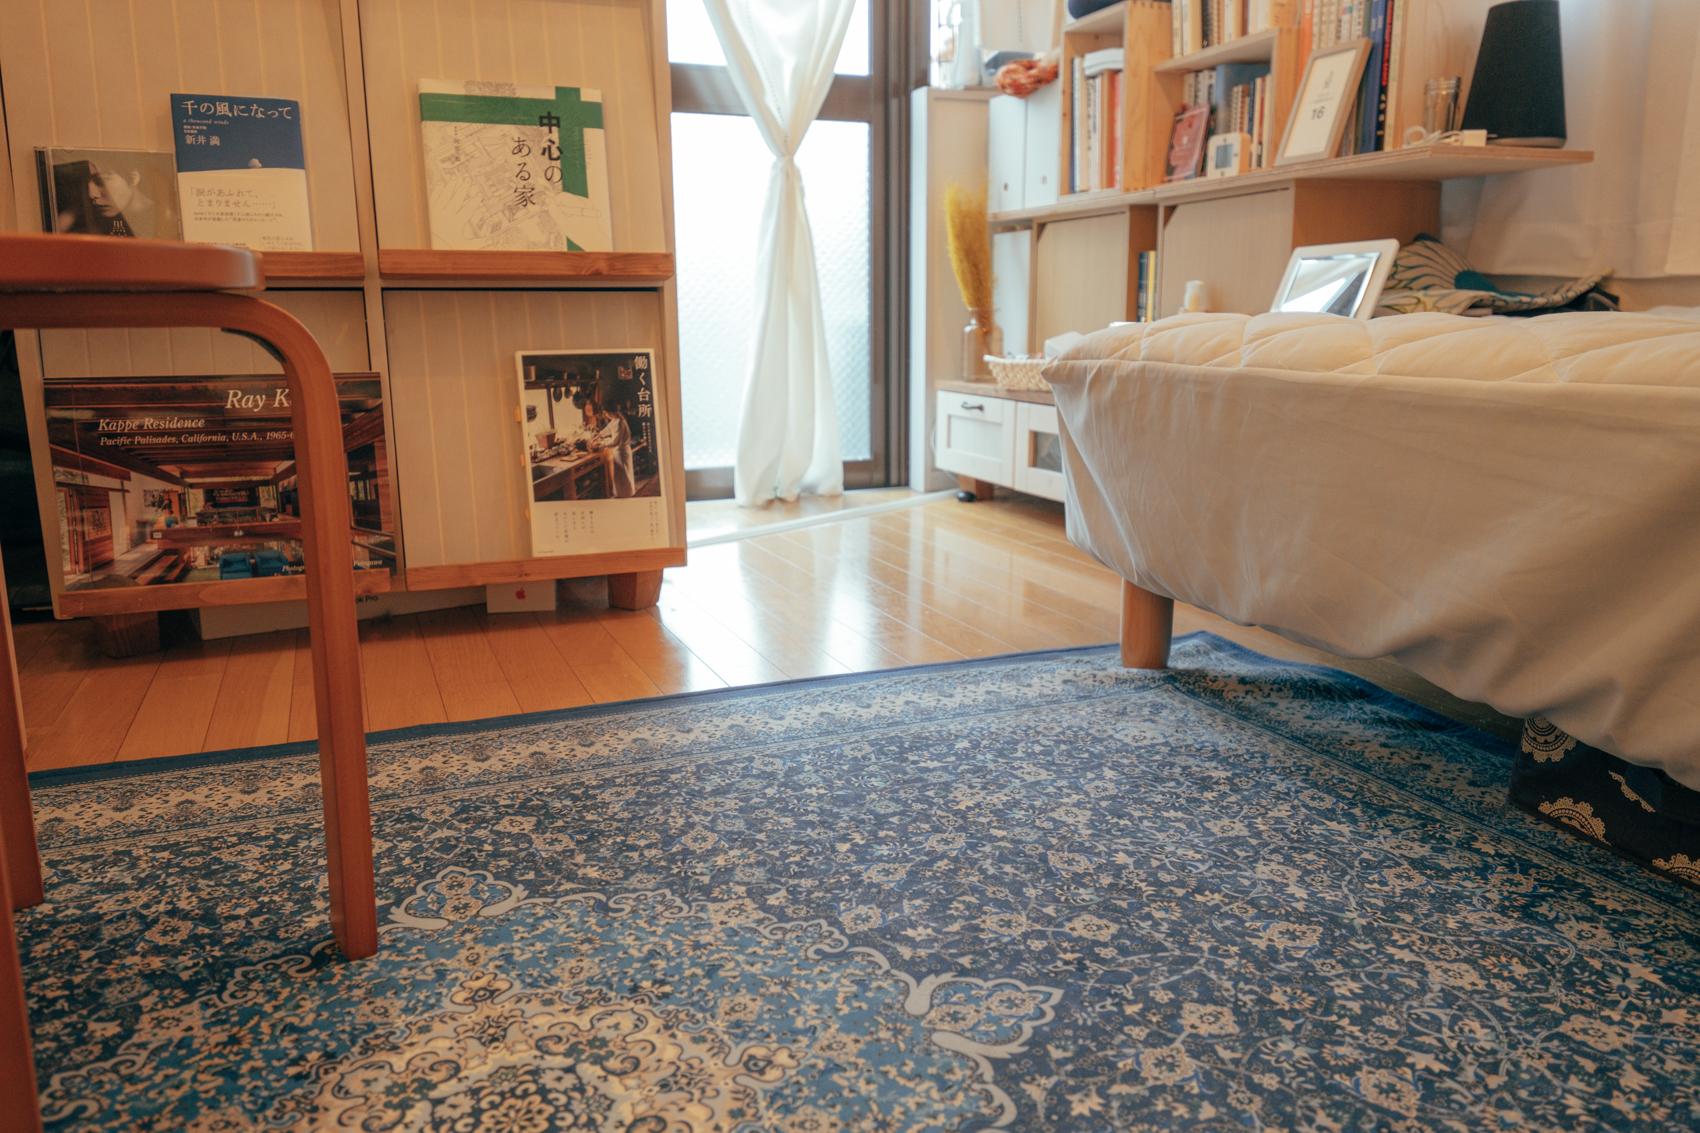 こうしたお部屋での過ごし方の変化は、他のメリットもあったのだとか。 「暮らしの高さを変えることで、床にモノを置くことが減りました。そのおかげで部屋を綺麗に保てるようになりましたね。」